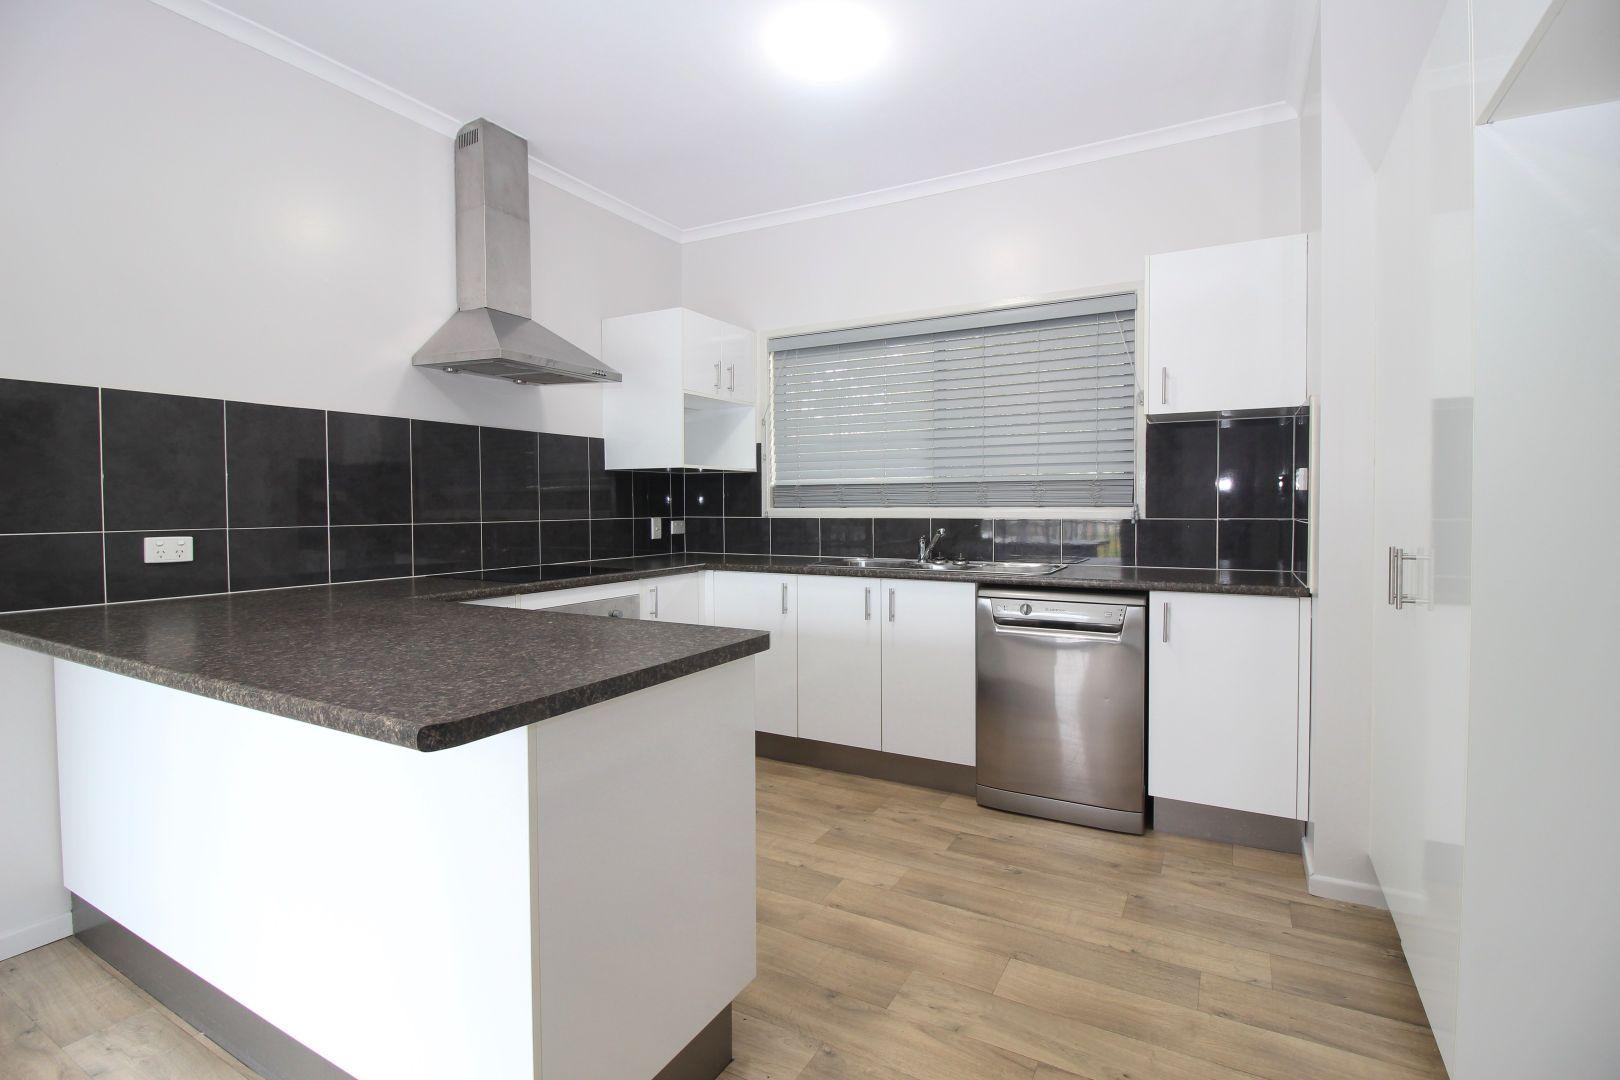 1/55 Yamala St, Emerald QLD 4720, Image 2